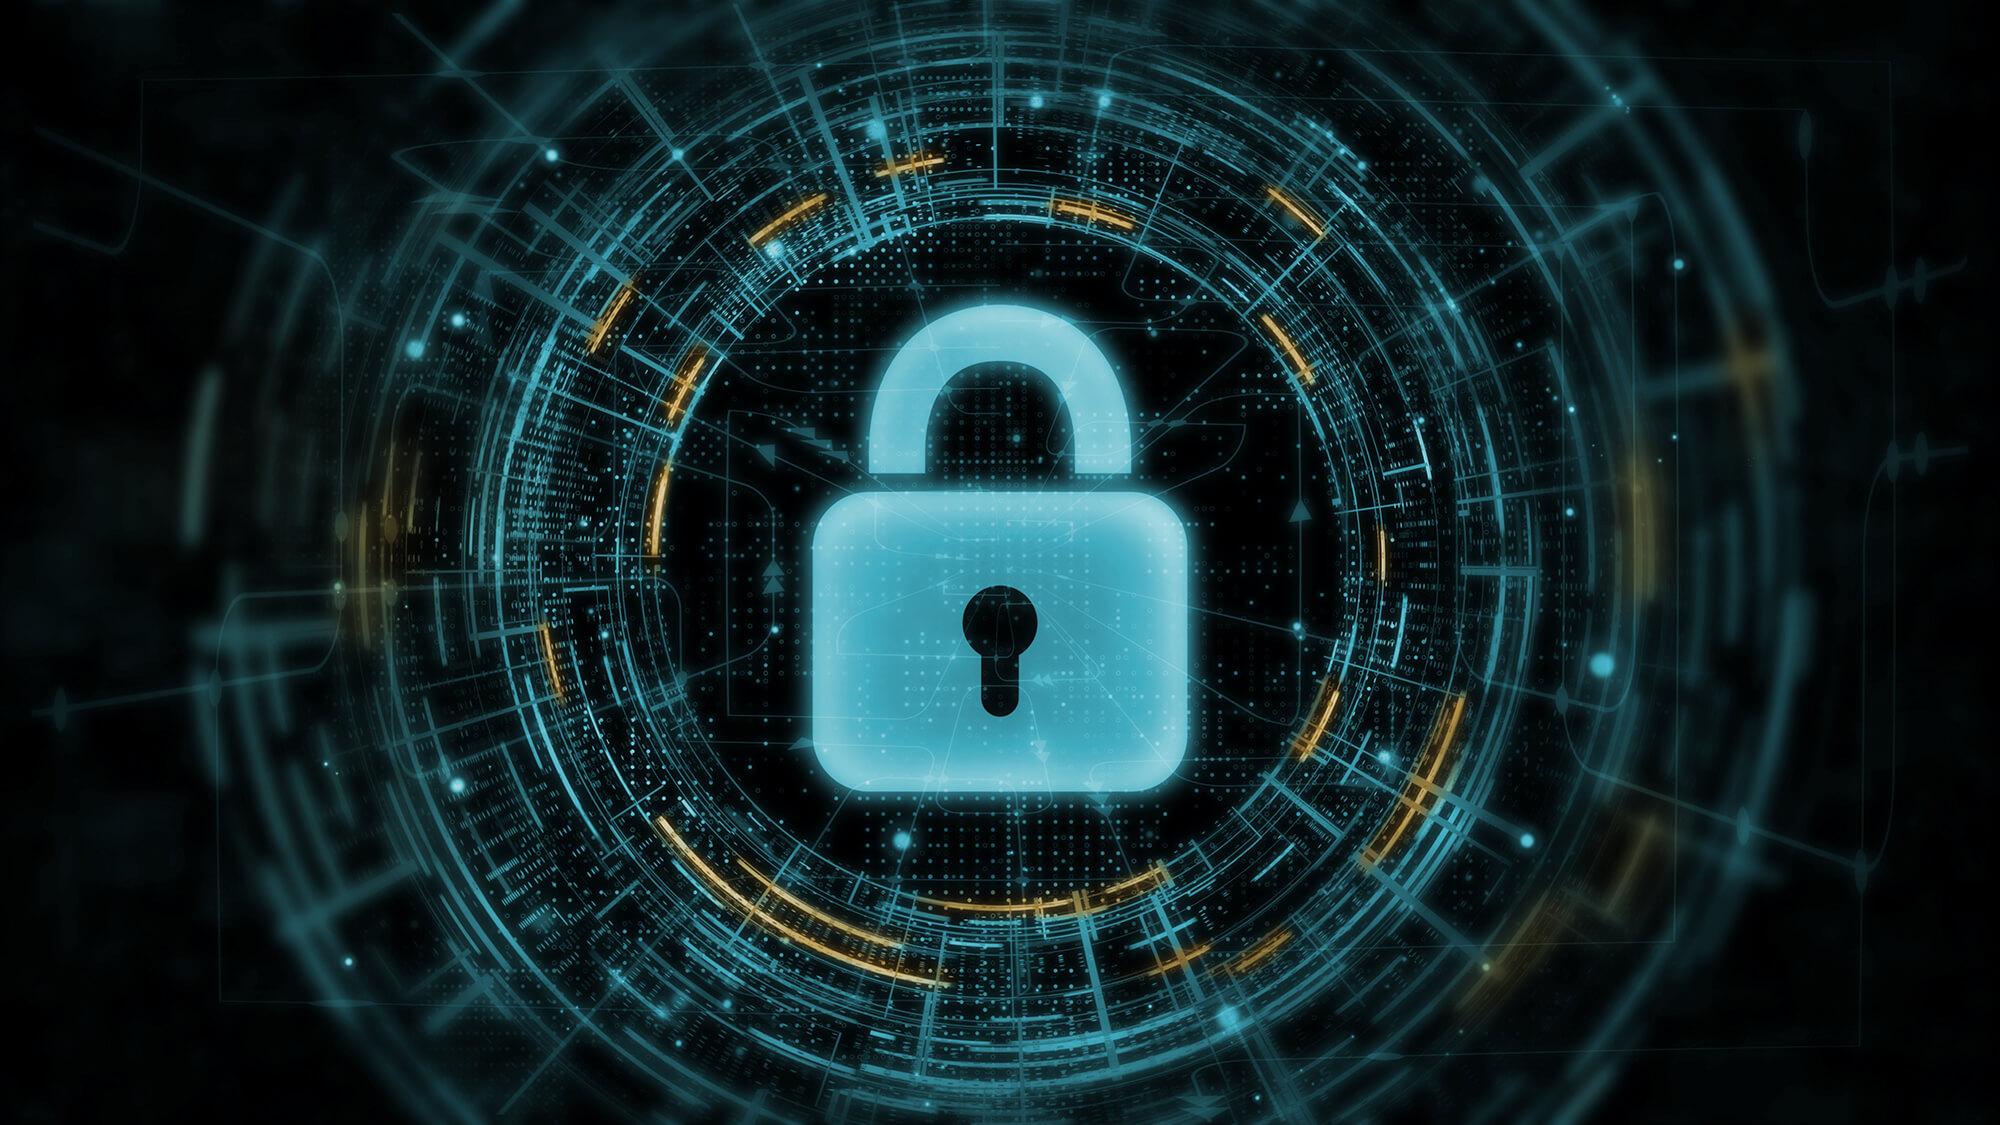 脆弱性をついた攻撃が多発!対策としての脆弱性診断の効果とは…?